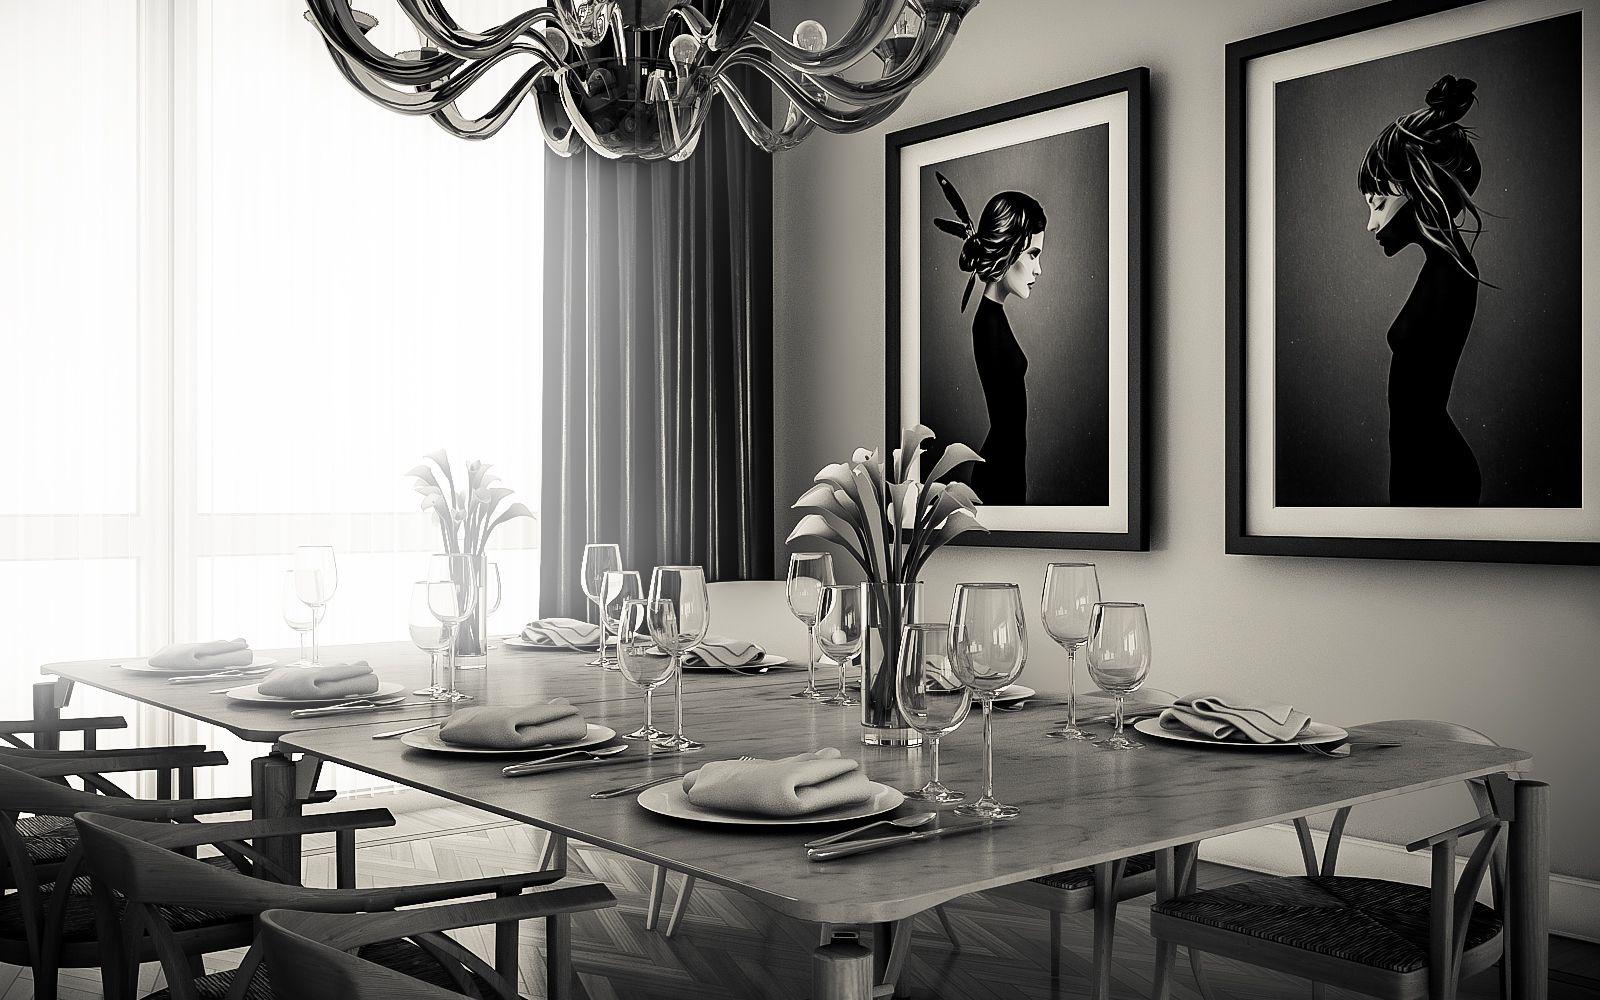 Milan Apartment - Via Saffi 284